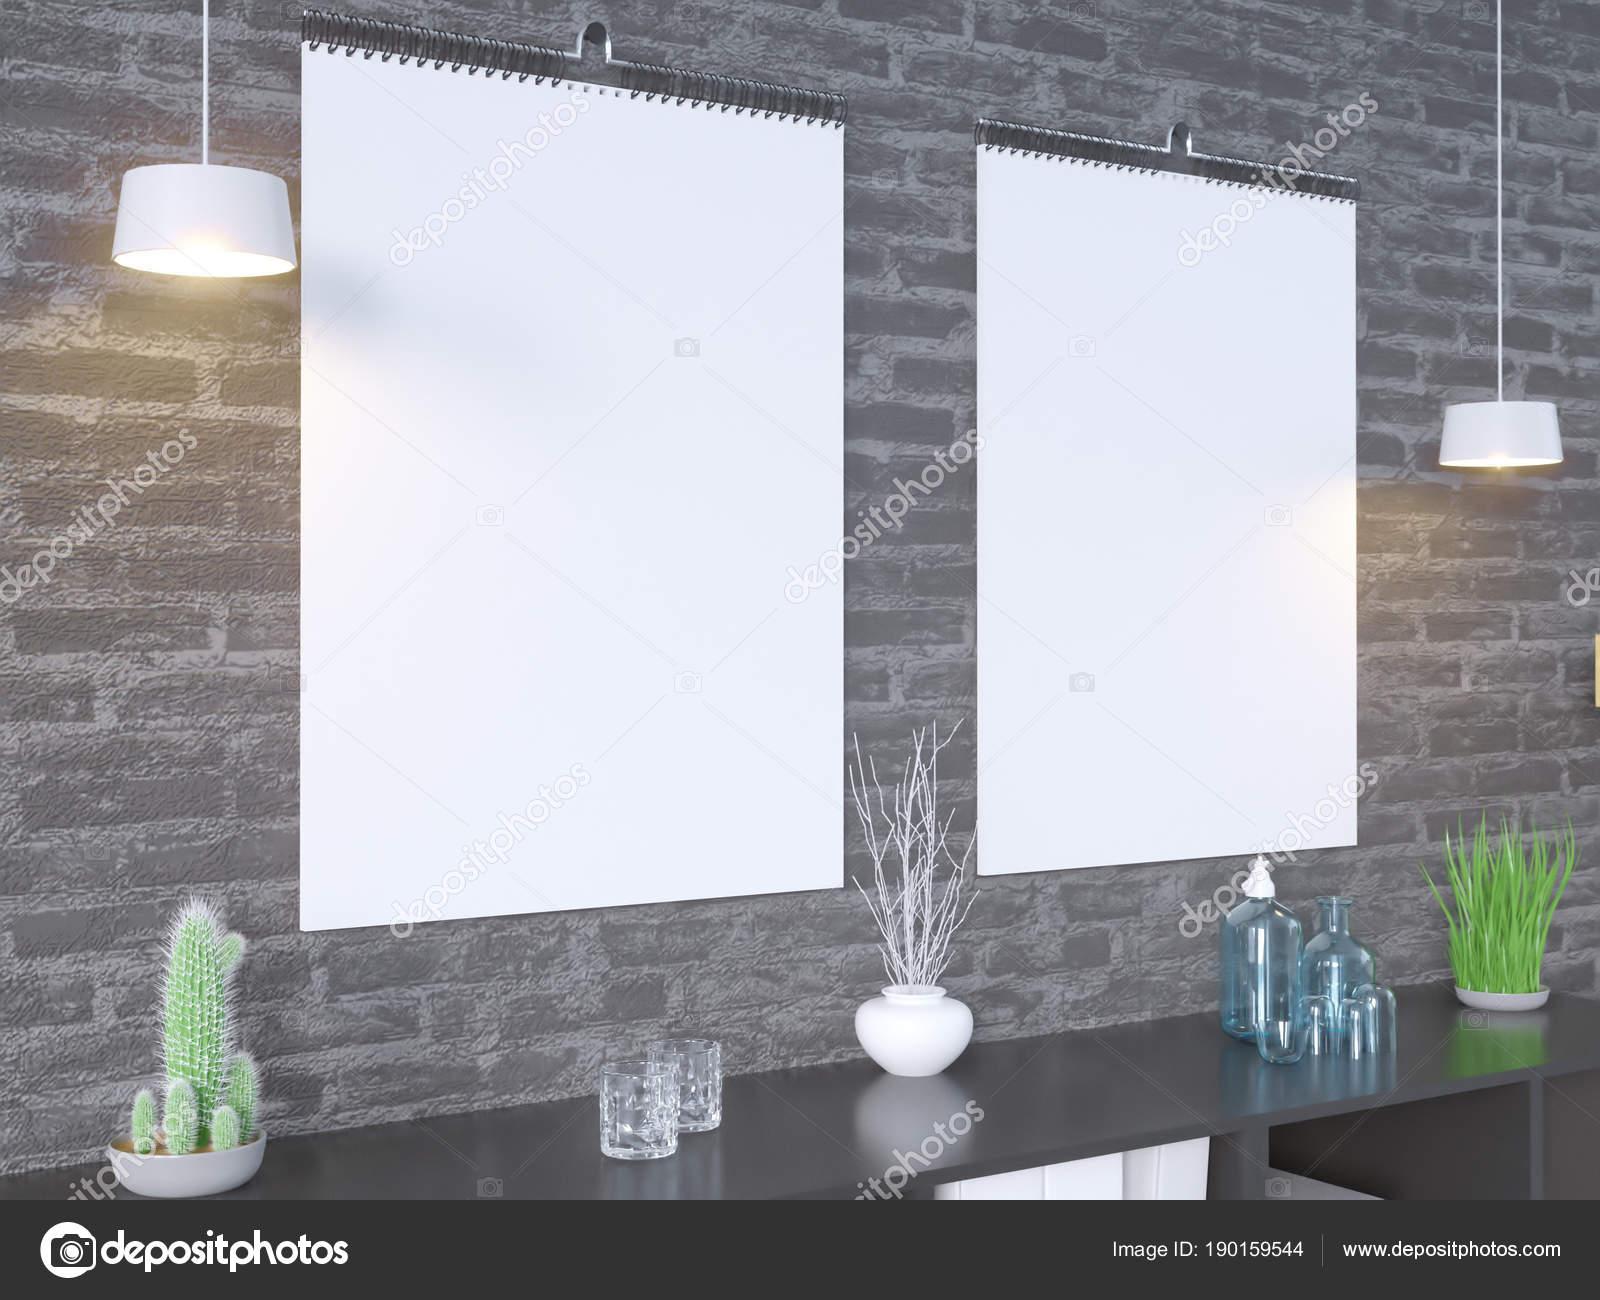 Steen In Interieur : Kalender mockup in interieur 3d rendering illustratie steen studio